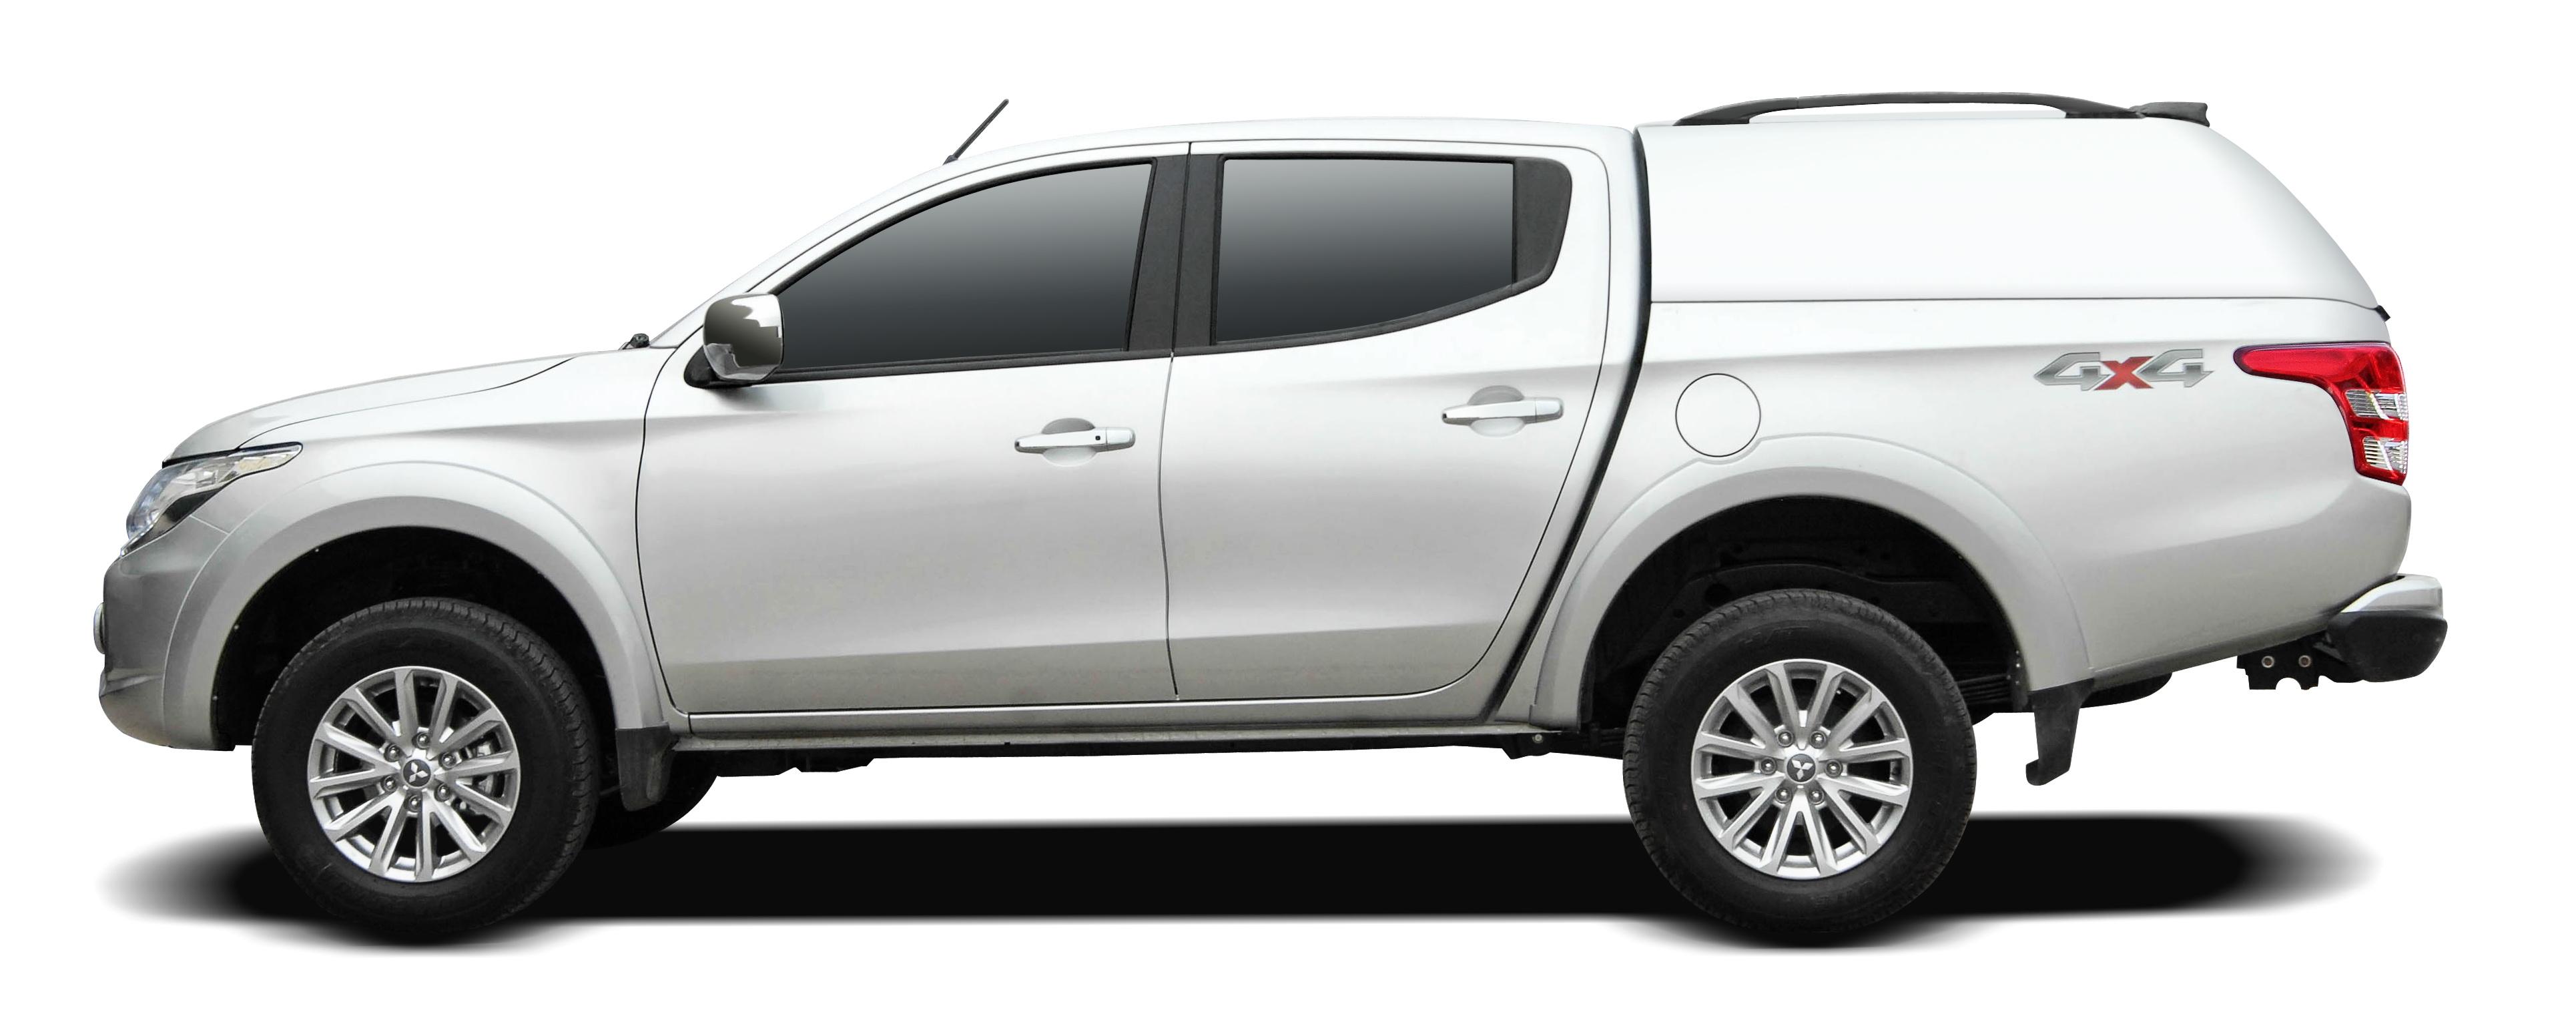 CARRYBOY Mitsubishi L200 Doppelkabine 16+ Zubehör Hardtop ohne Seitenfenster